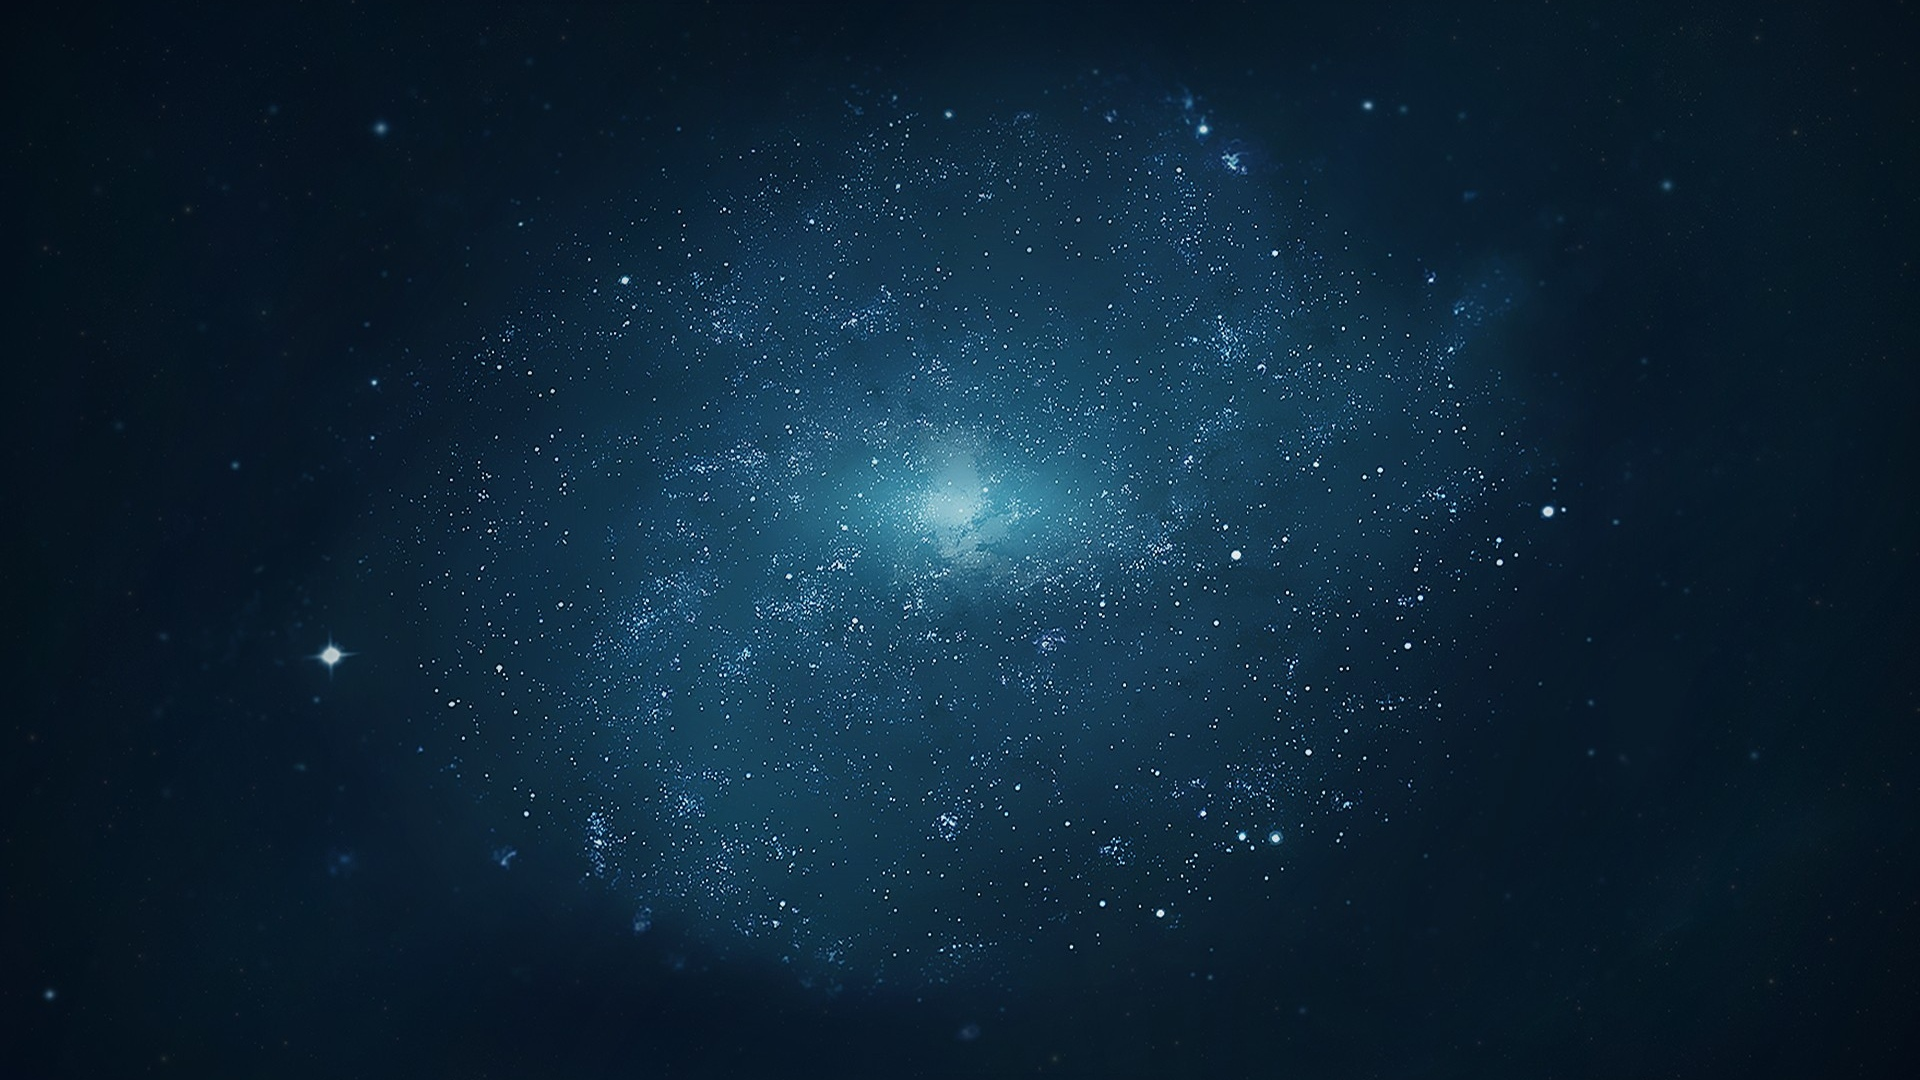 hd hintergrundbilder sterne galaxie raum punkten dunkel 1920x1080